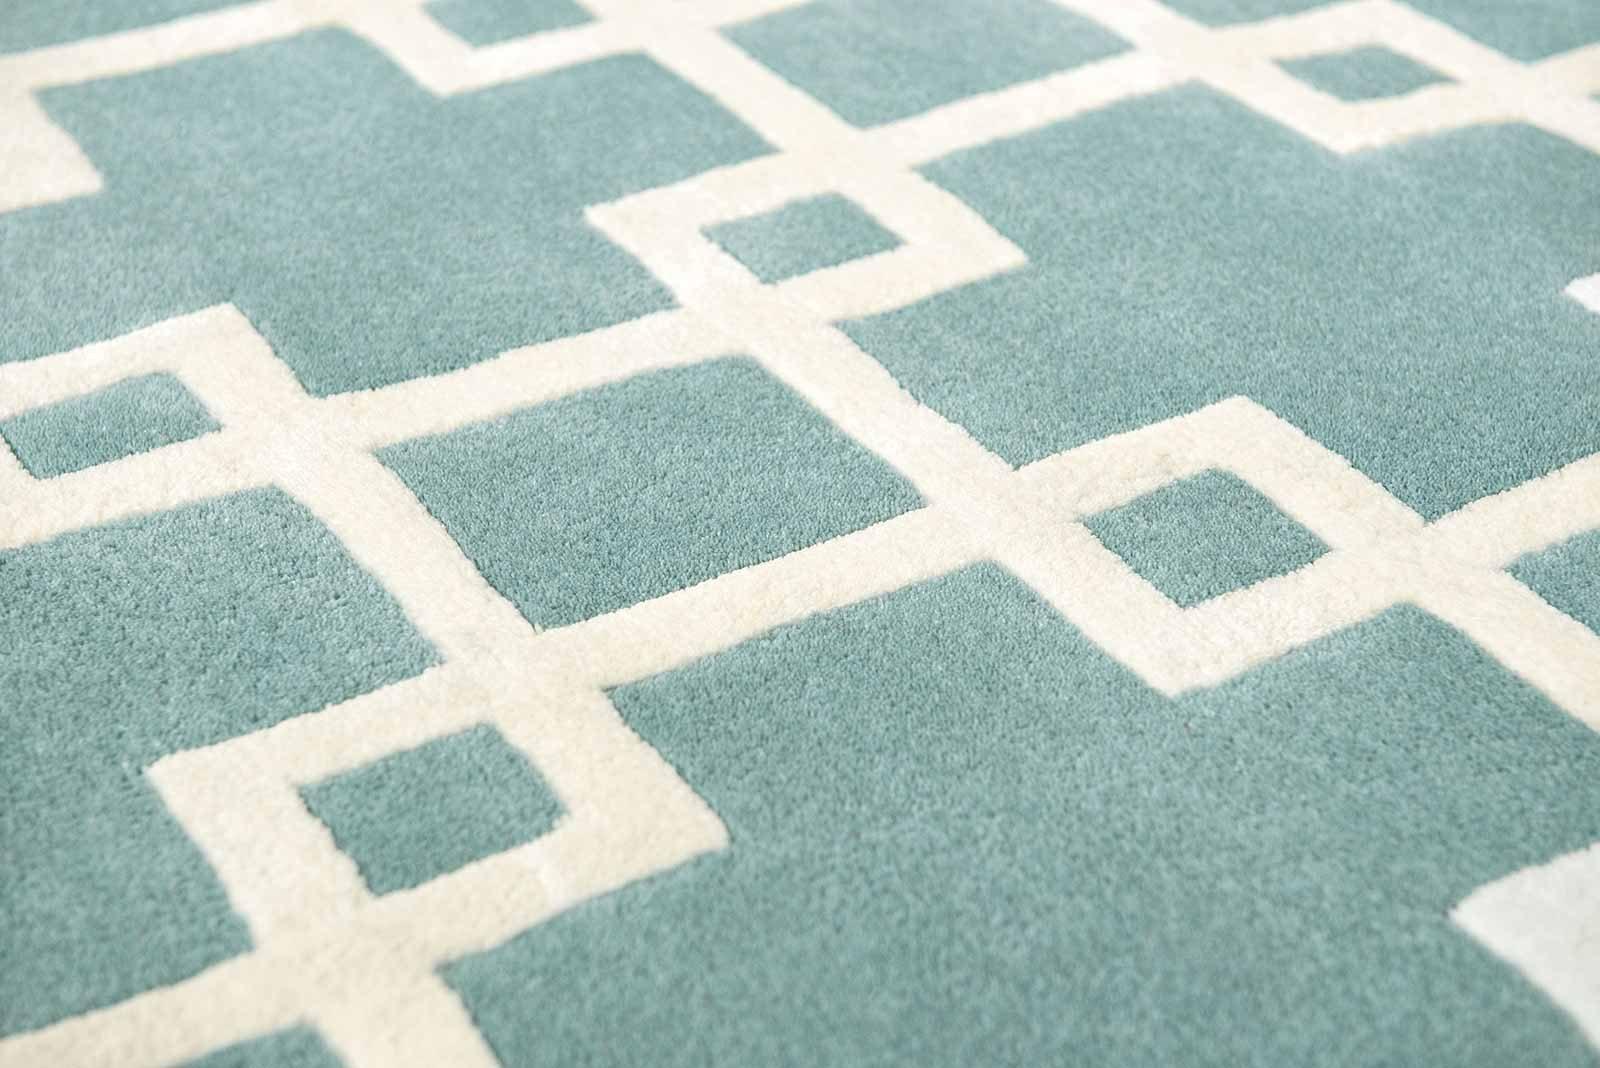 Louis De Poortere tapijt Romo LX 2011 Cubis Agate zoom